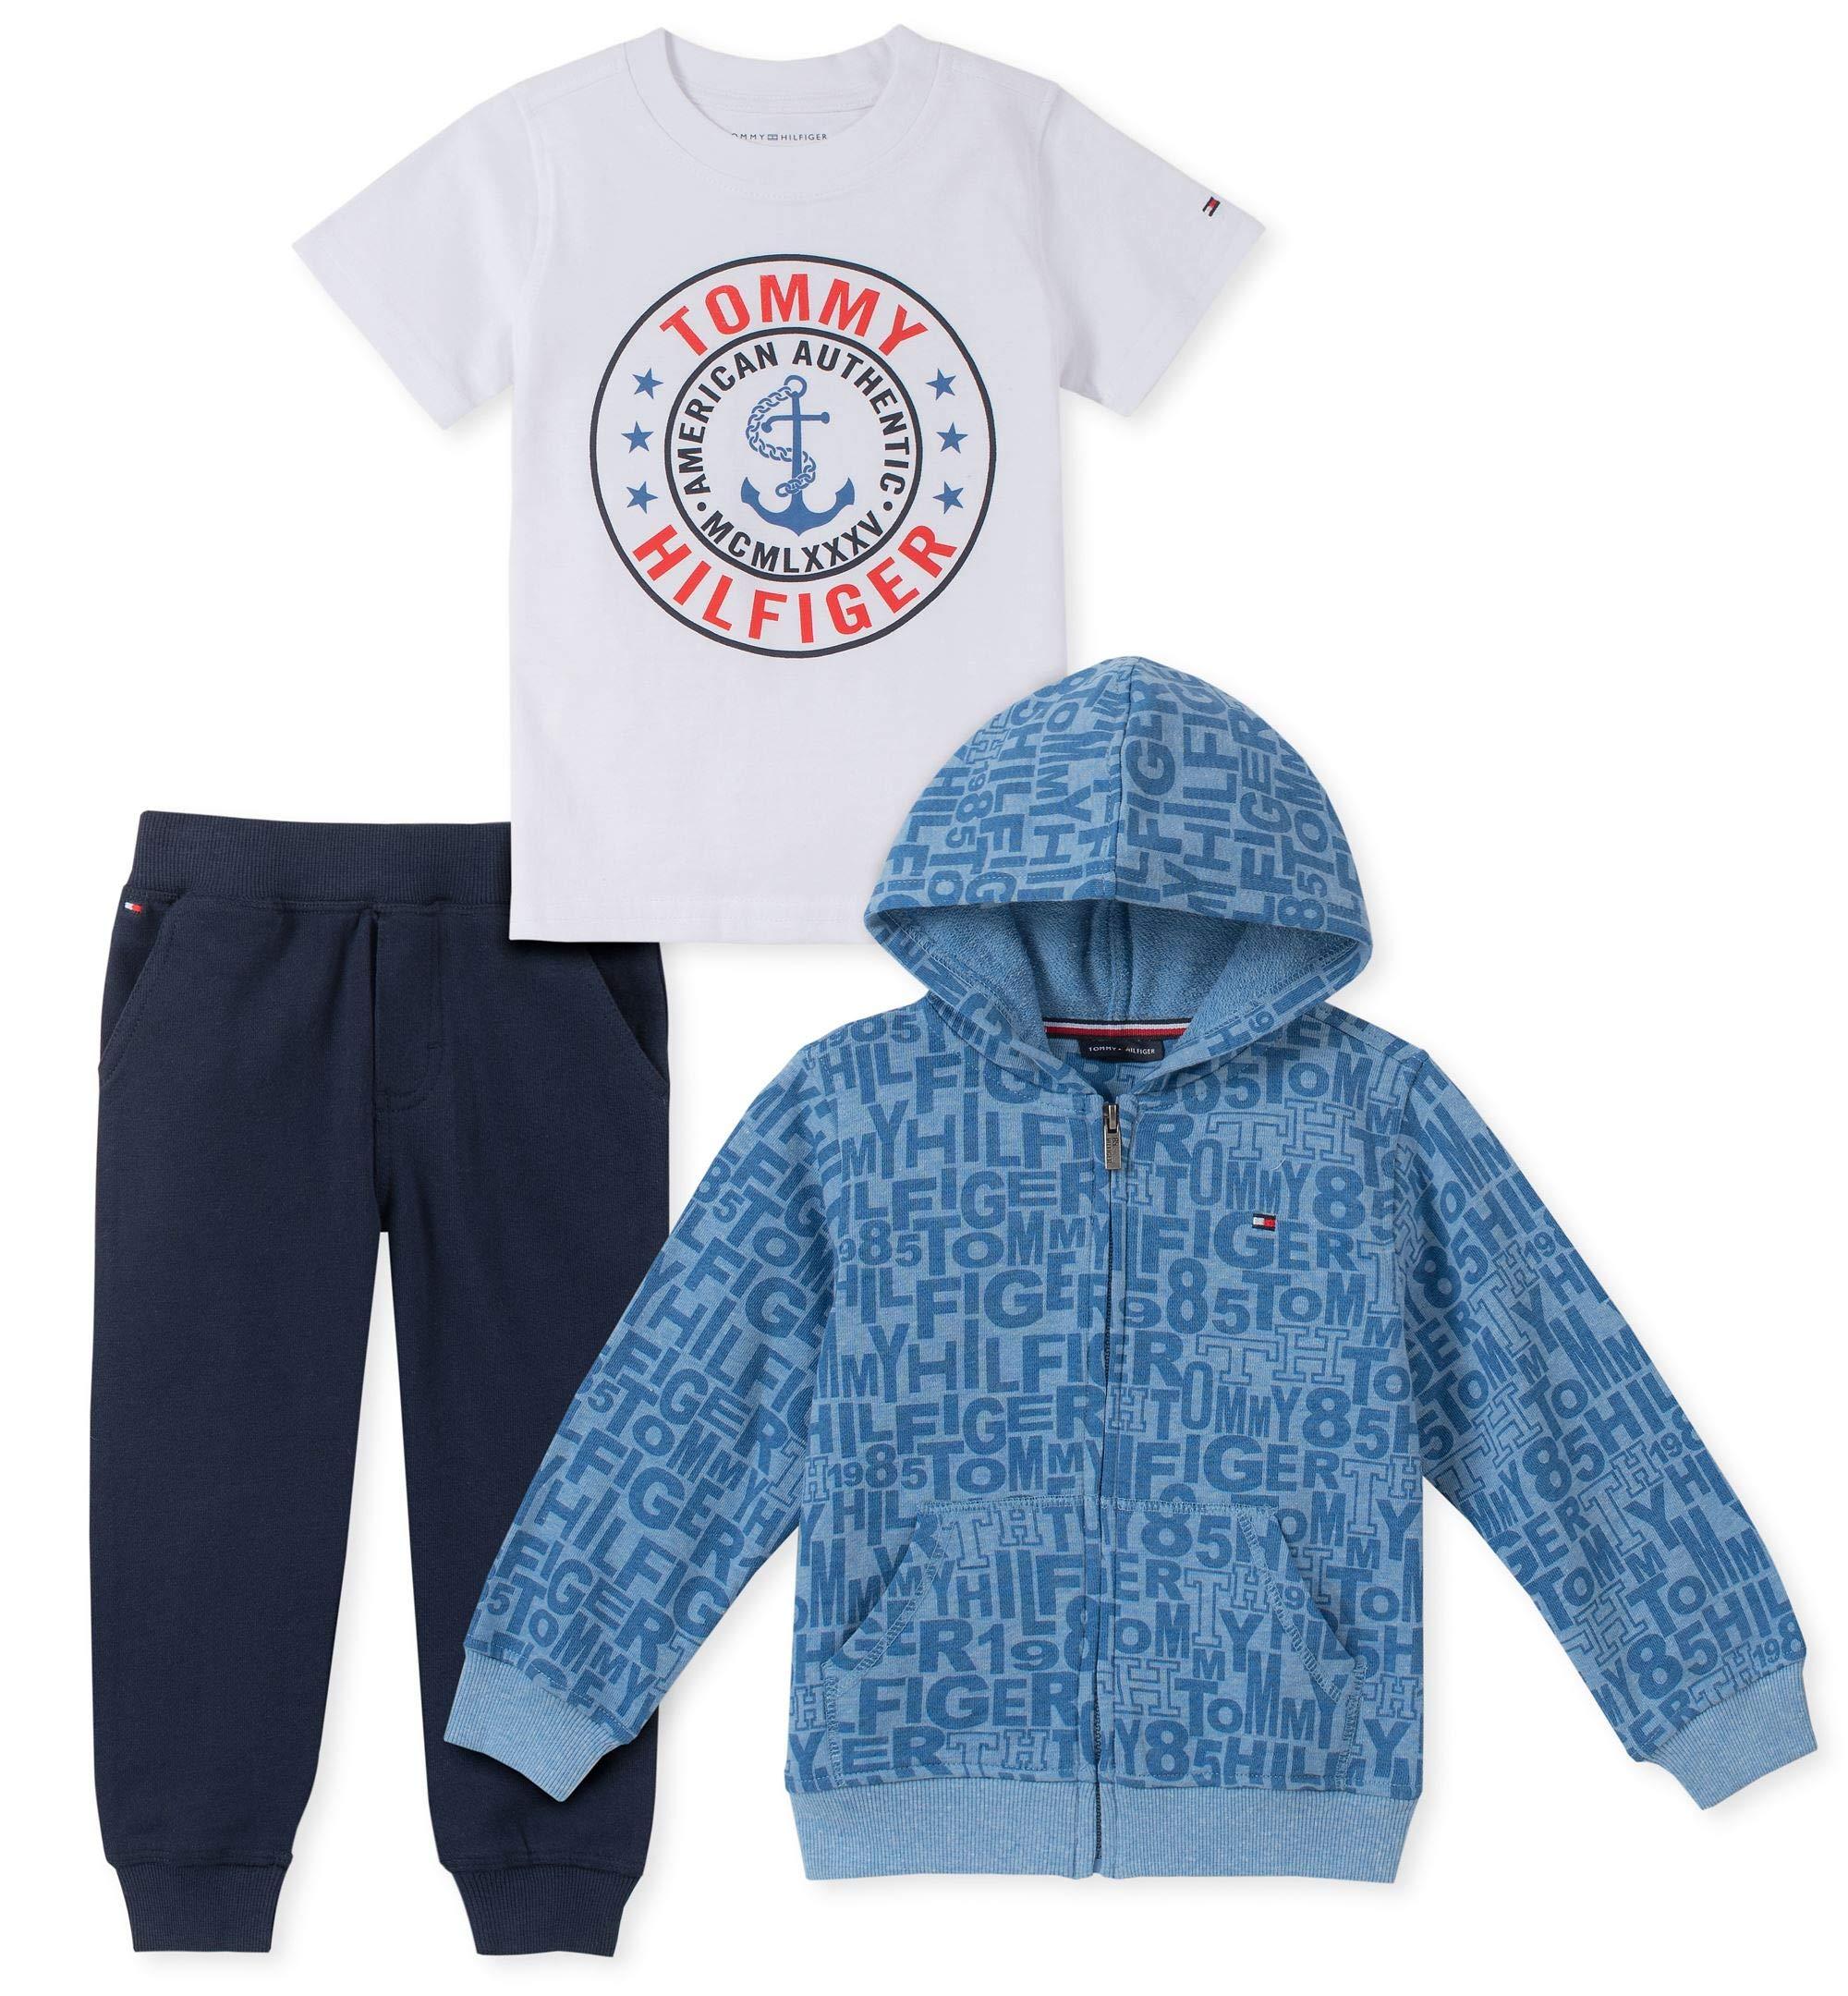 Tommy Hilfiger Boys' Toddler 3 Pieces Jog Set